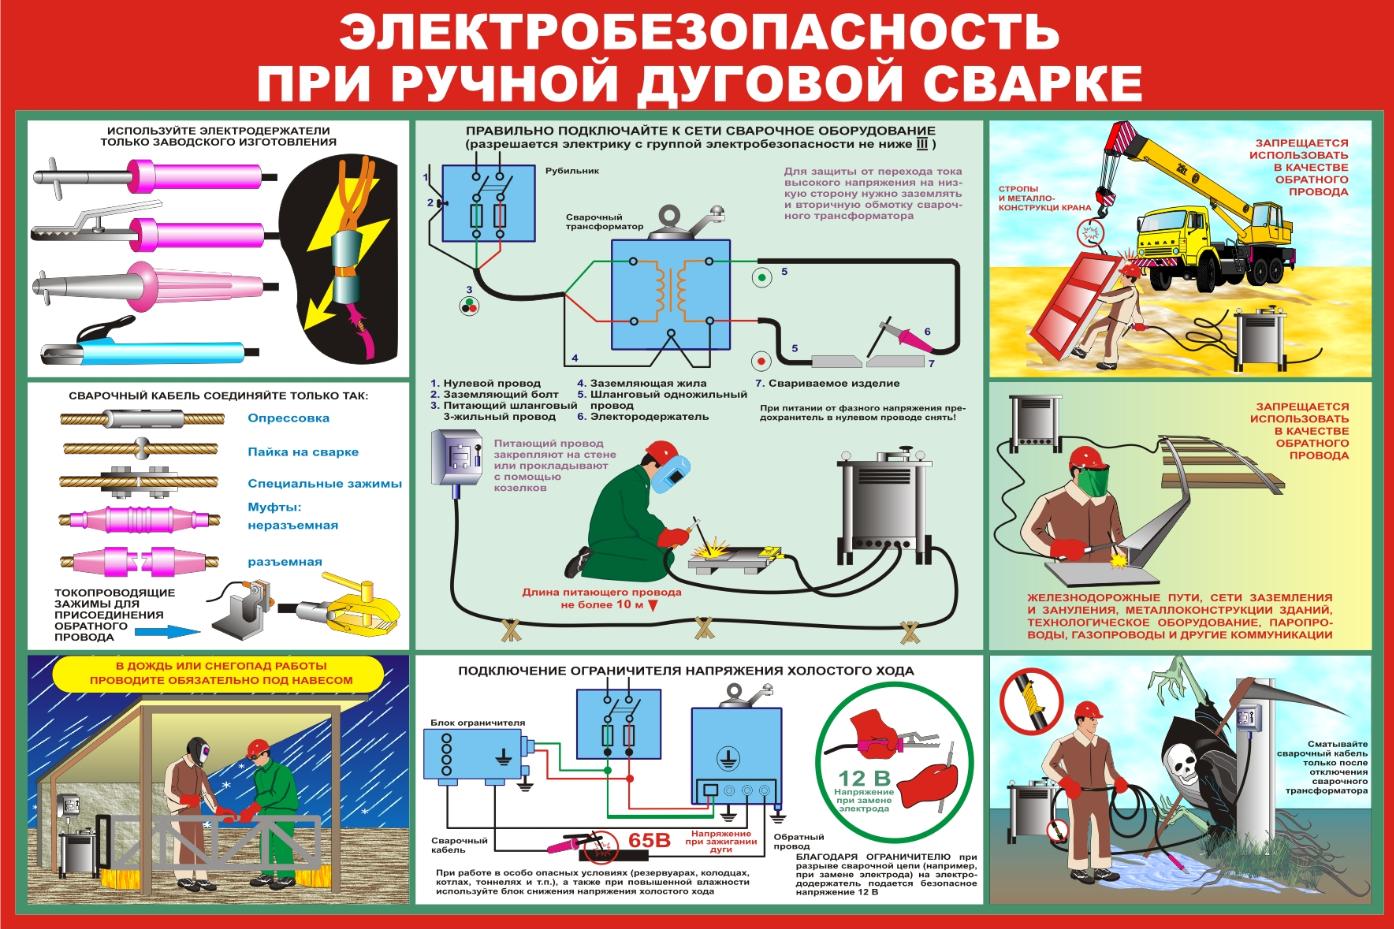 видео инструктаж 1 группу электробезопасности